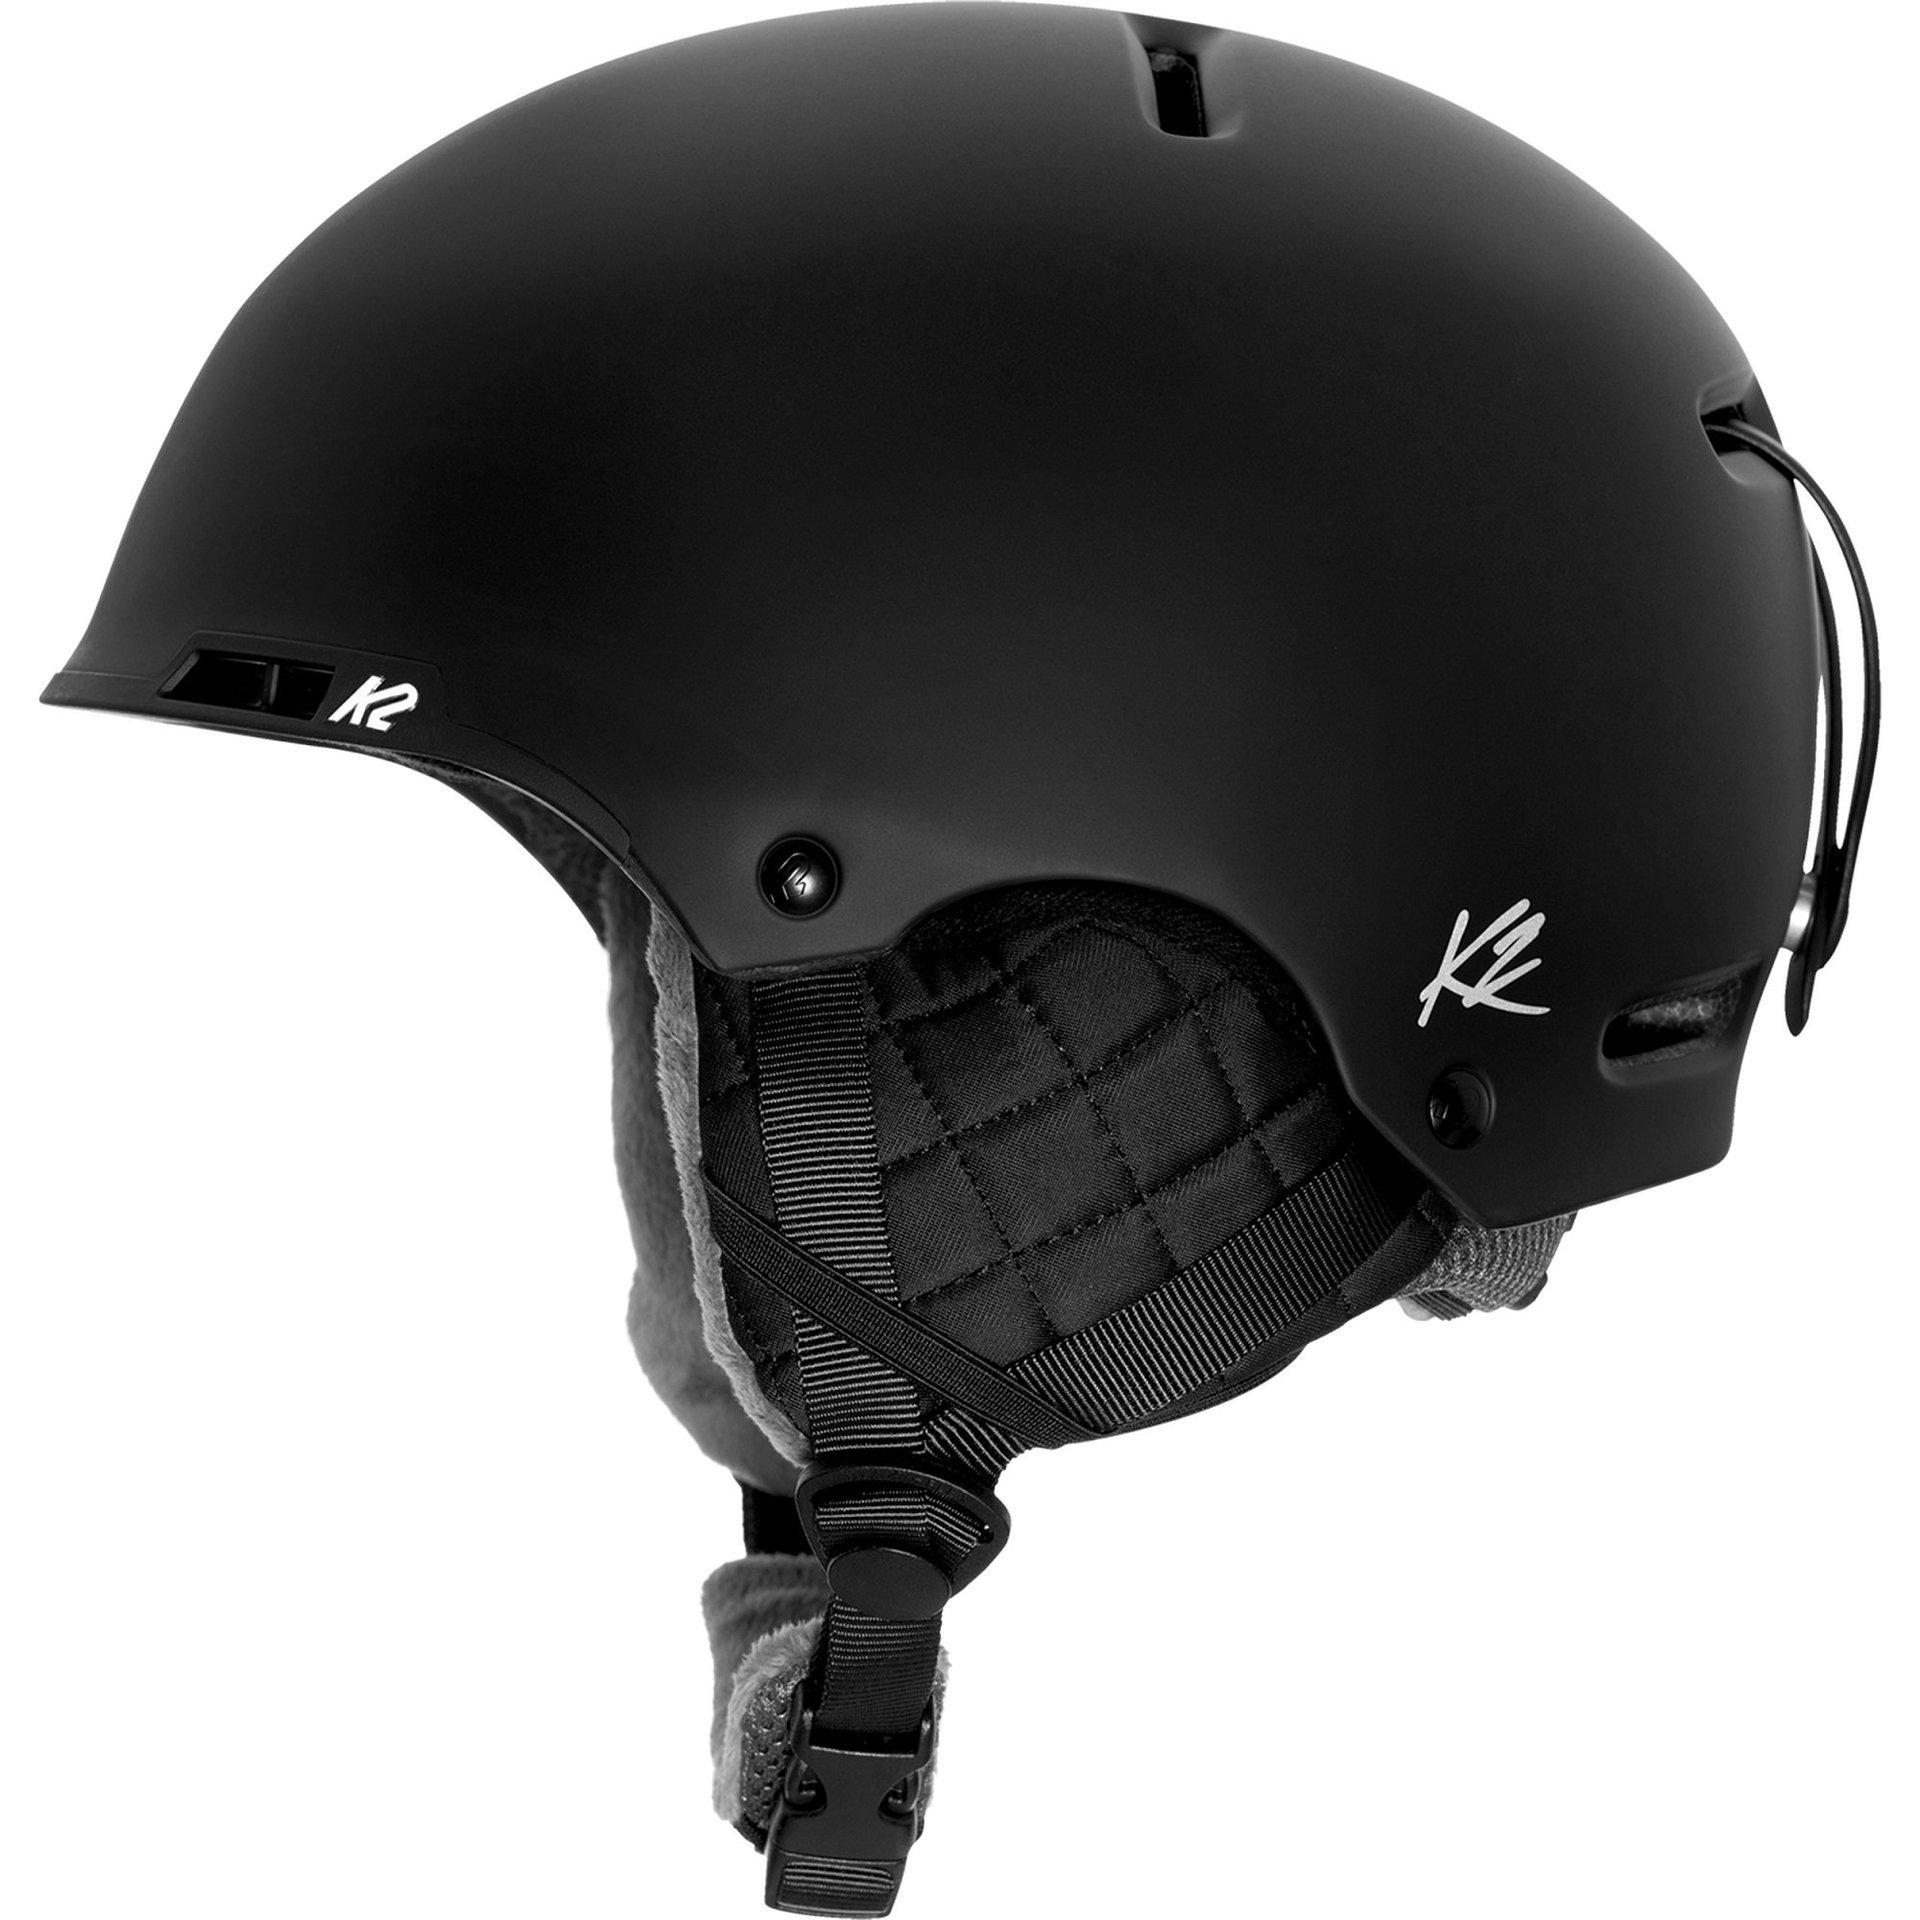 KASK K2 MERIDIAN BLACK